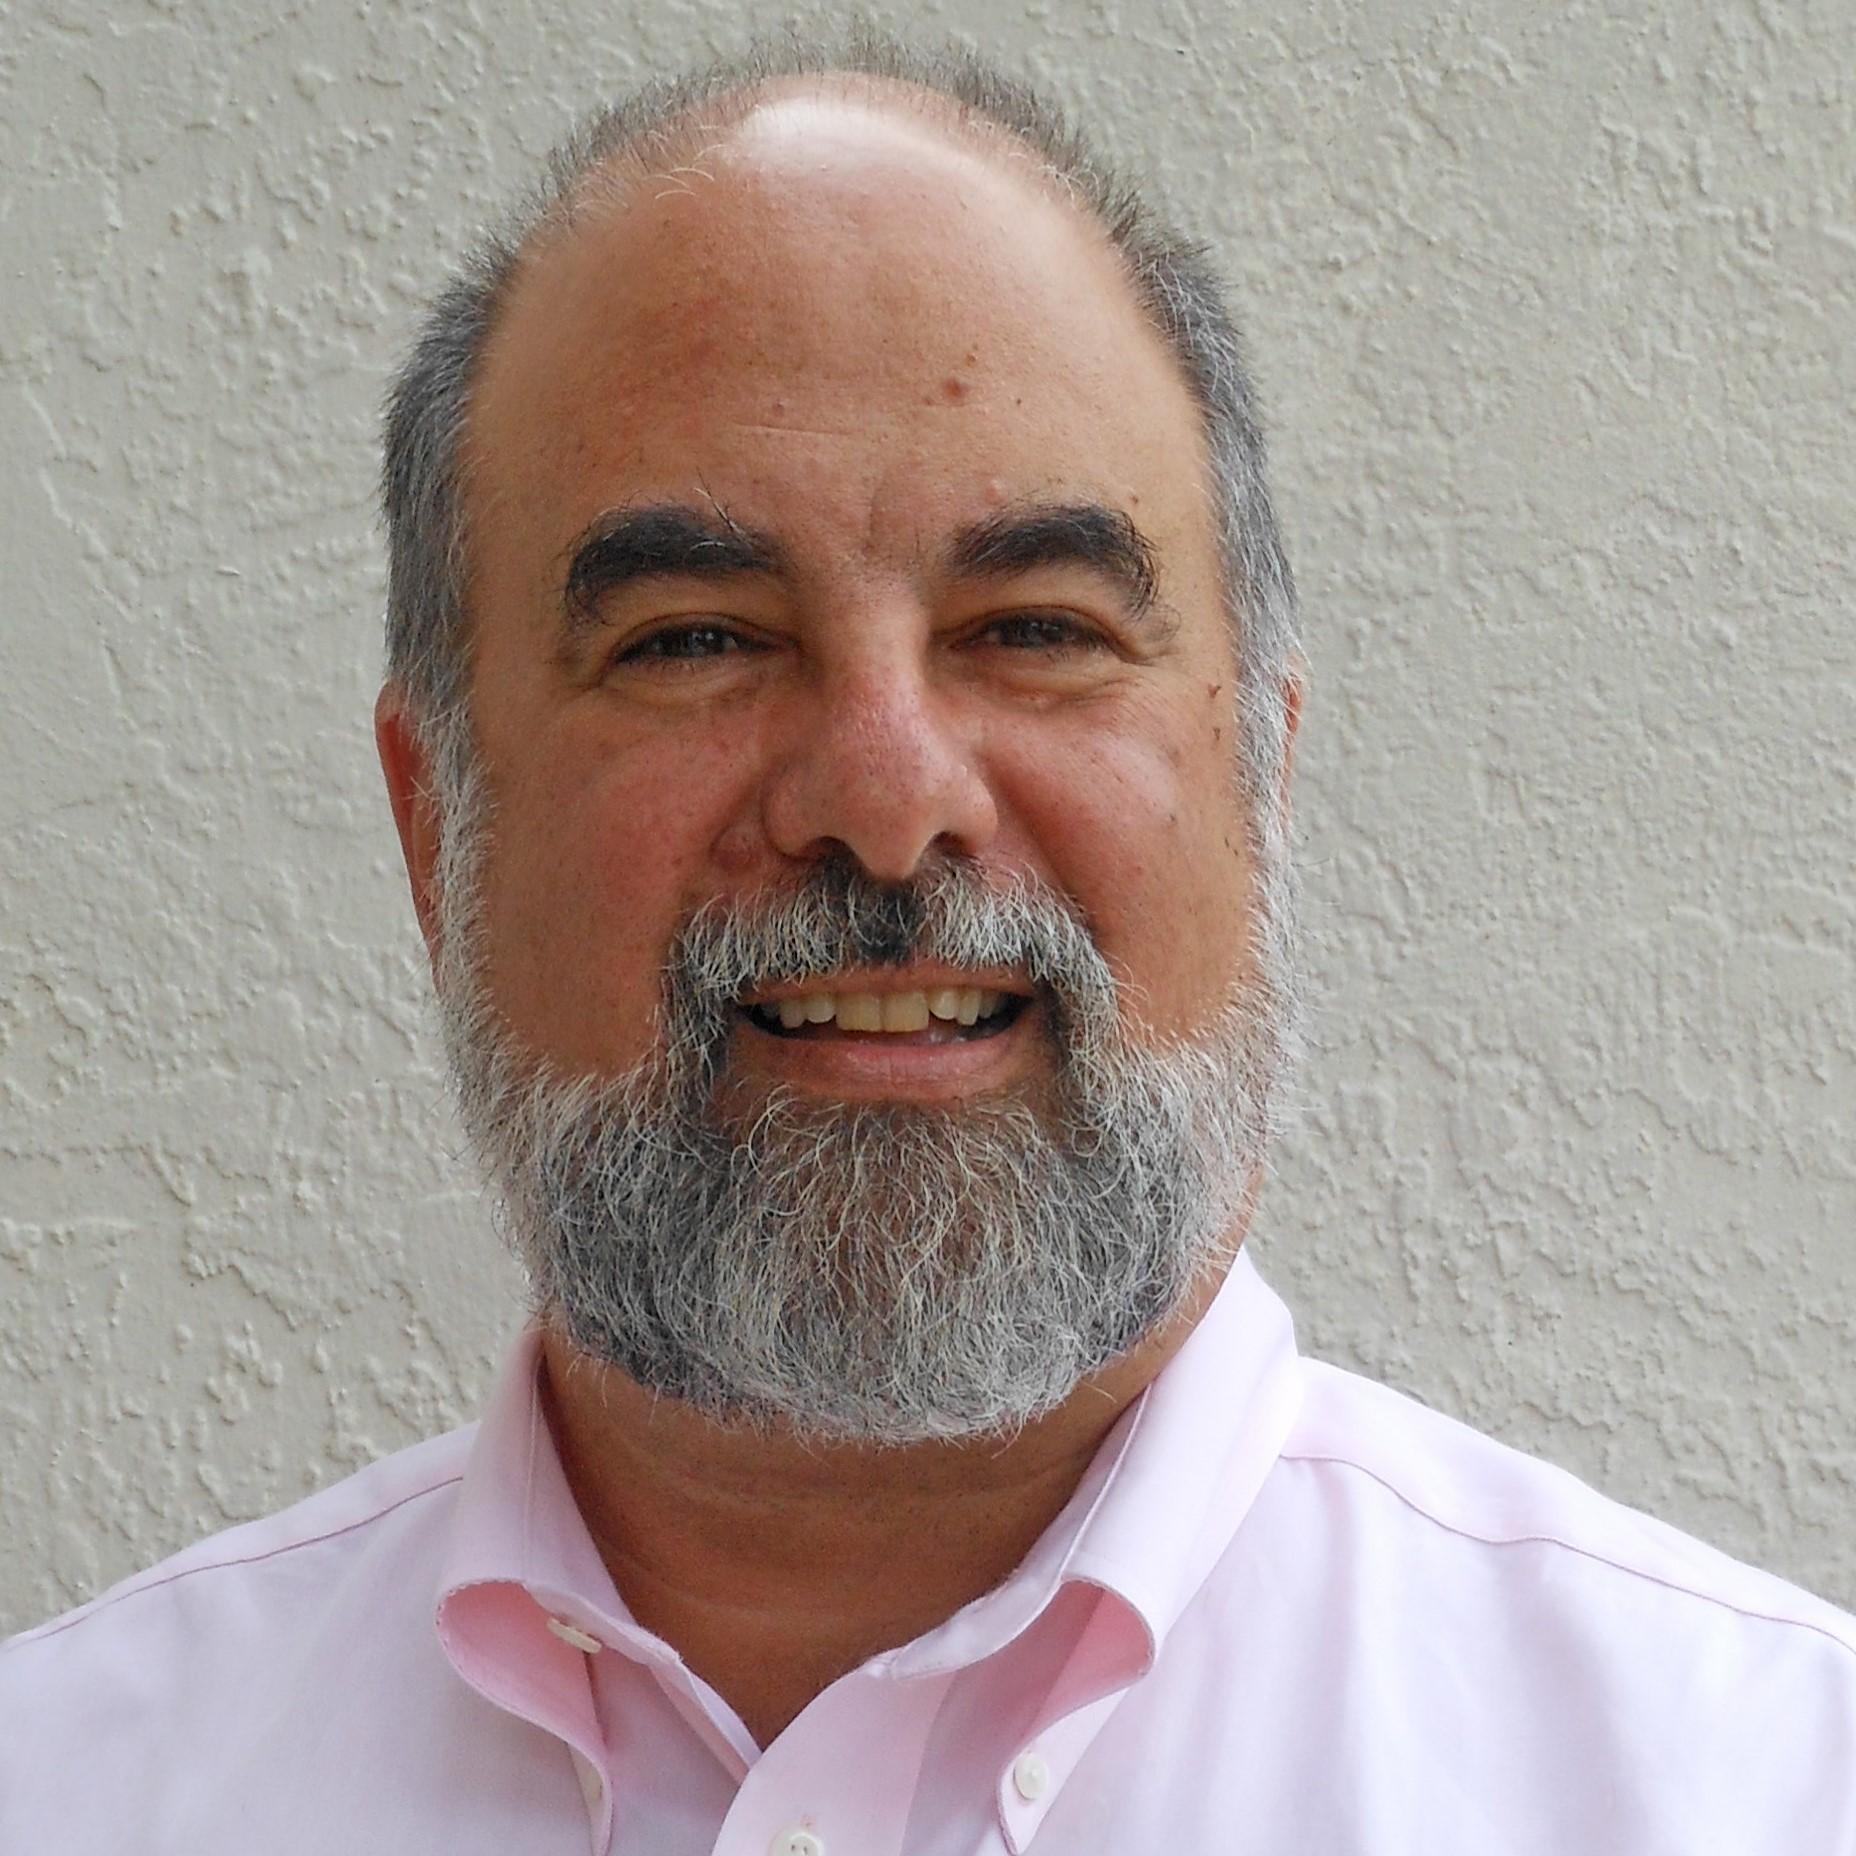 Andrew Scher, Principal